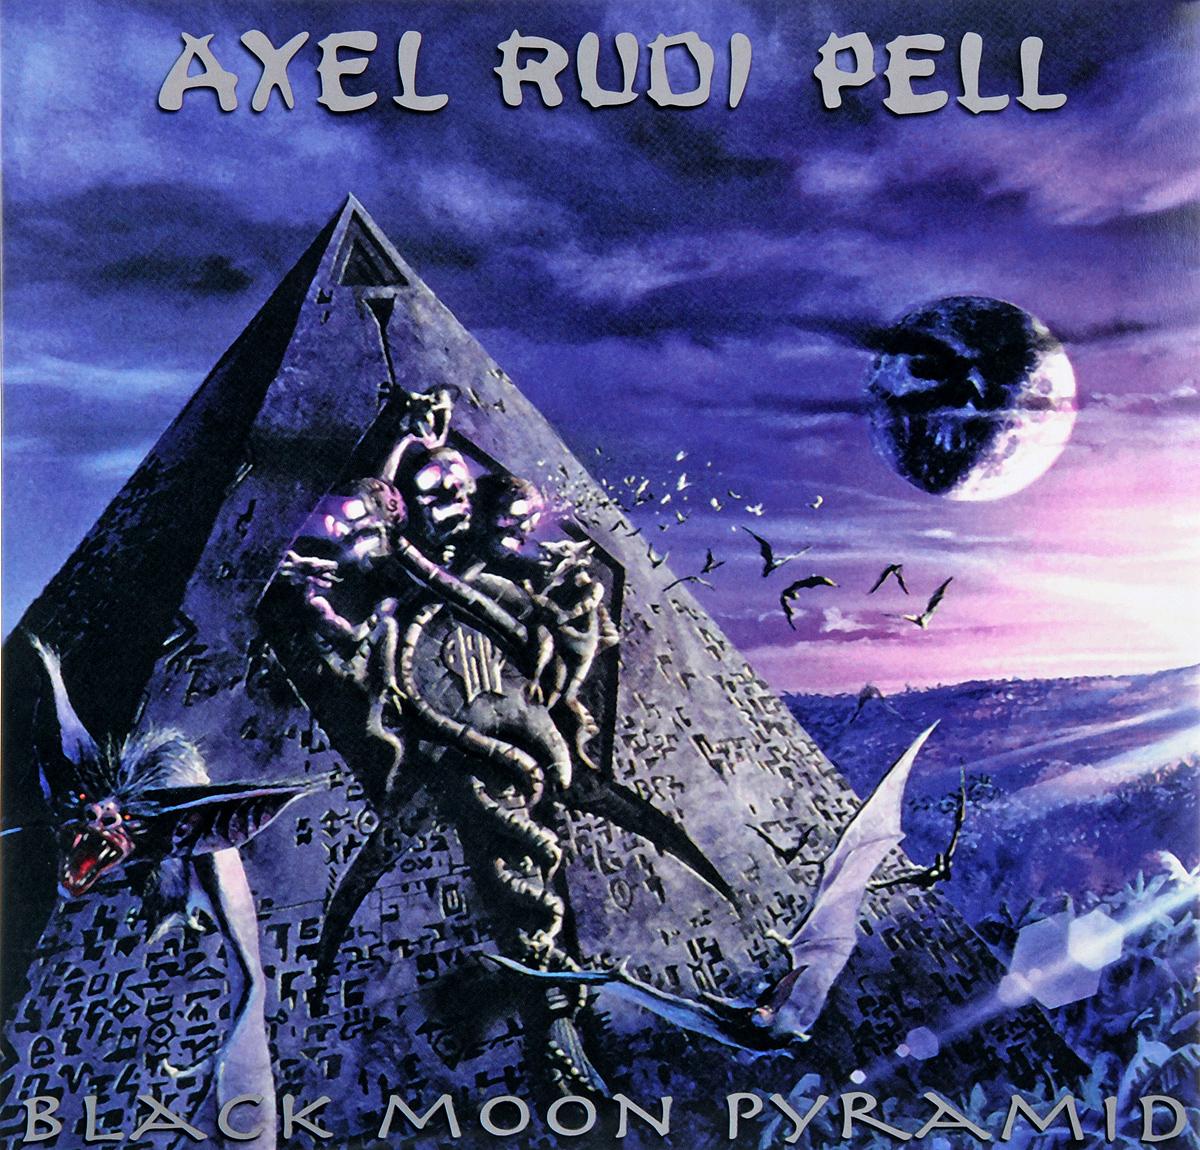 Аксель Руди Пелл Axel Rudi Pell. Black Moon Pyramid (Re-Release) (2LP + CD) рубашка fore axel